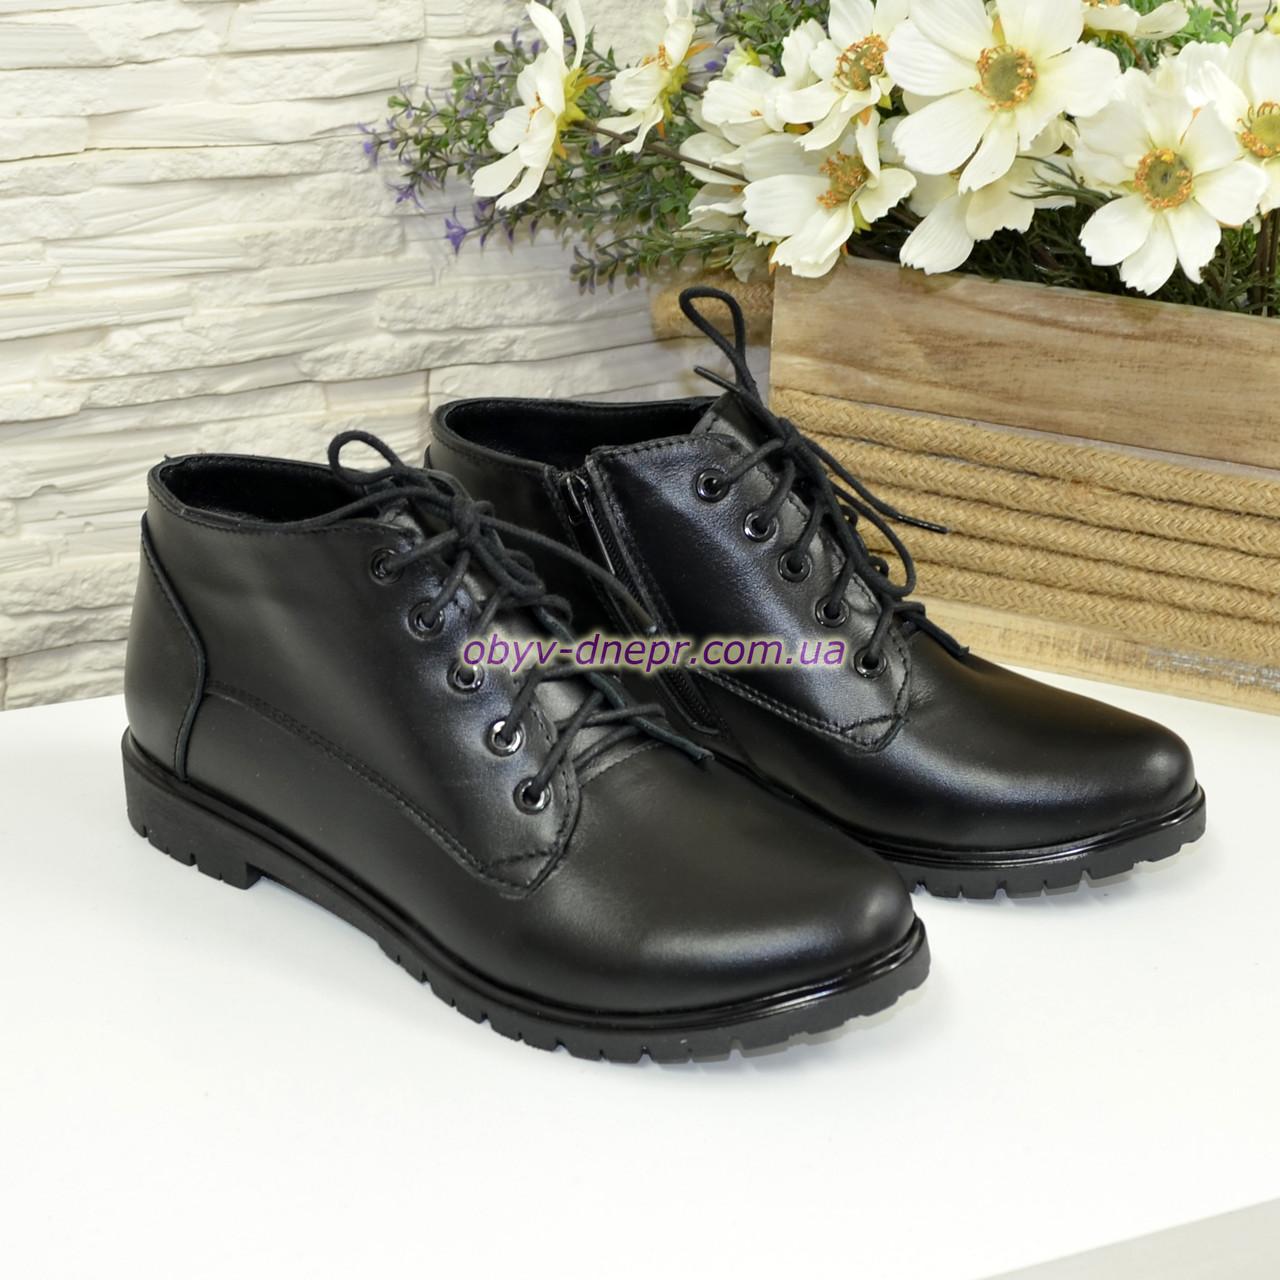 Ботинки женские кожаные на шнурках, внутри на байке.